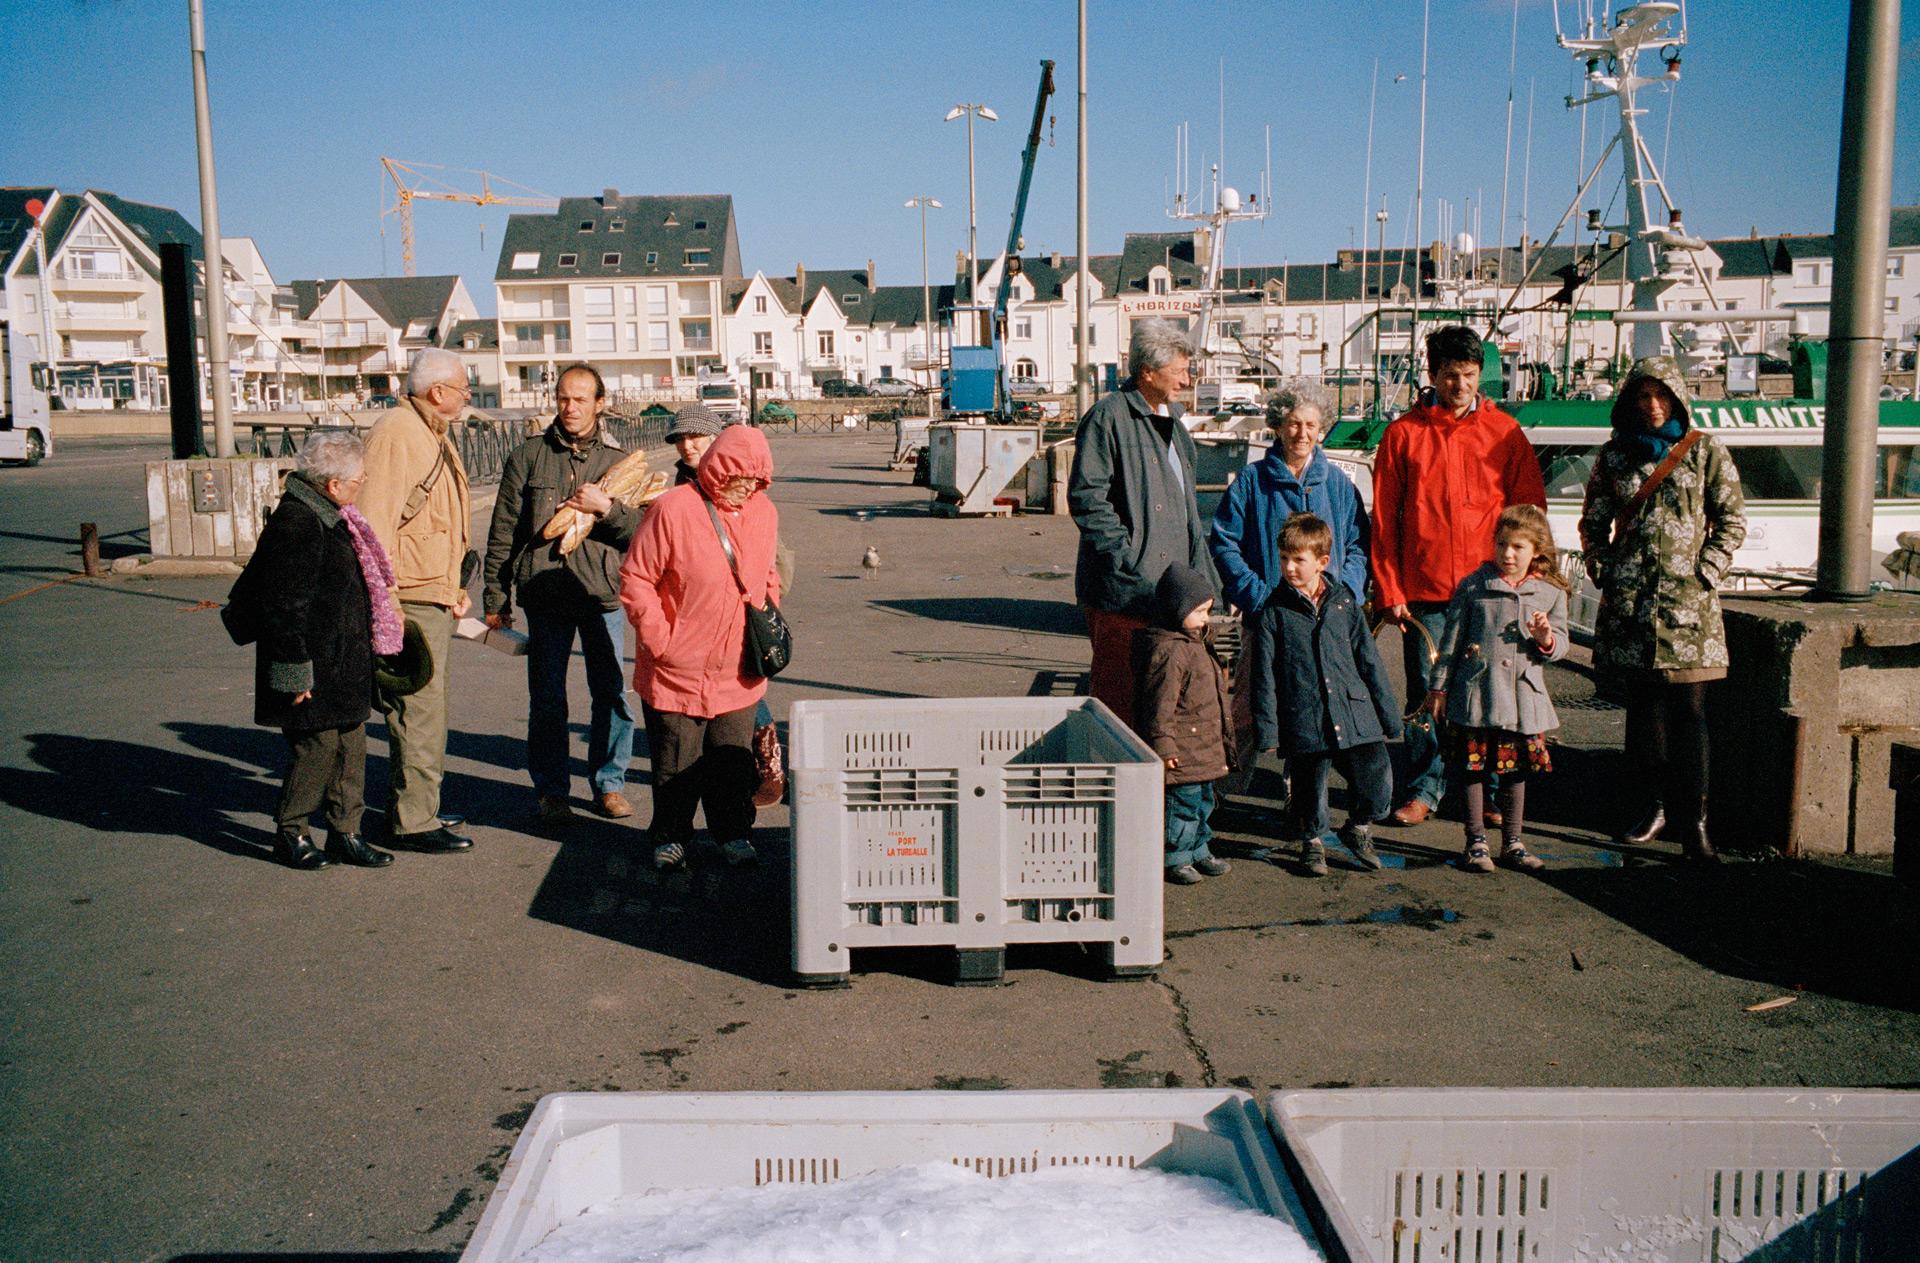 Déchargement du poisson, port de La Turballe, Loire atlantique. 2013